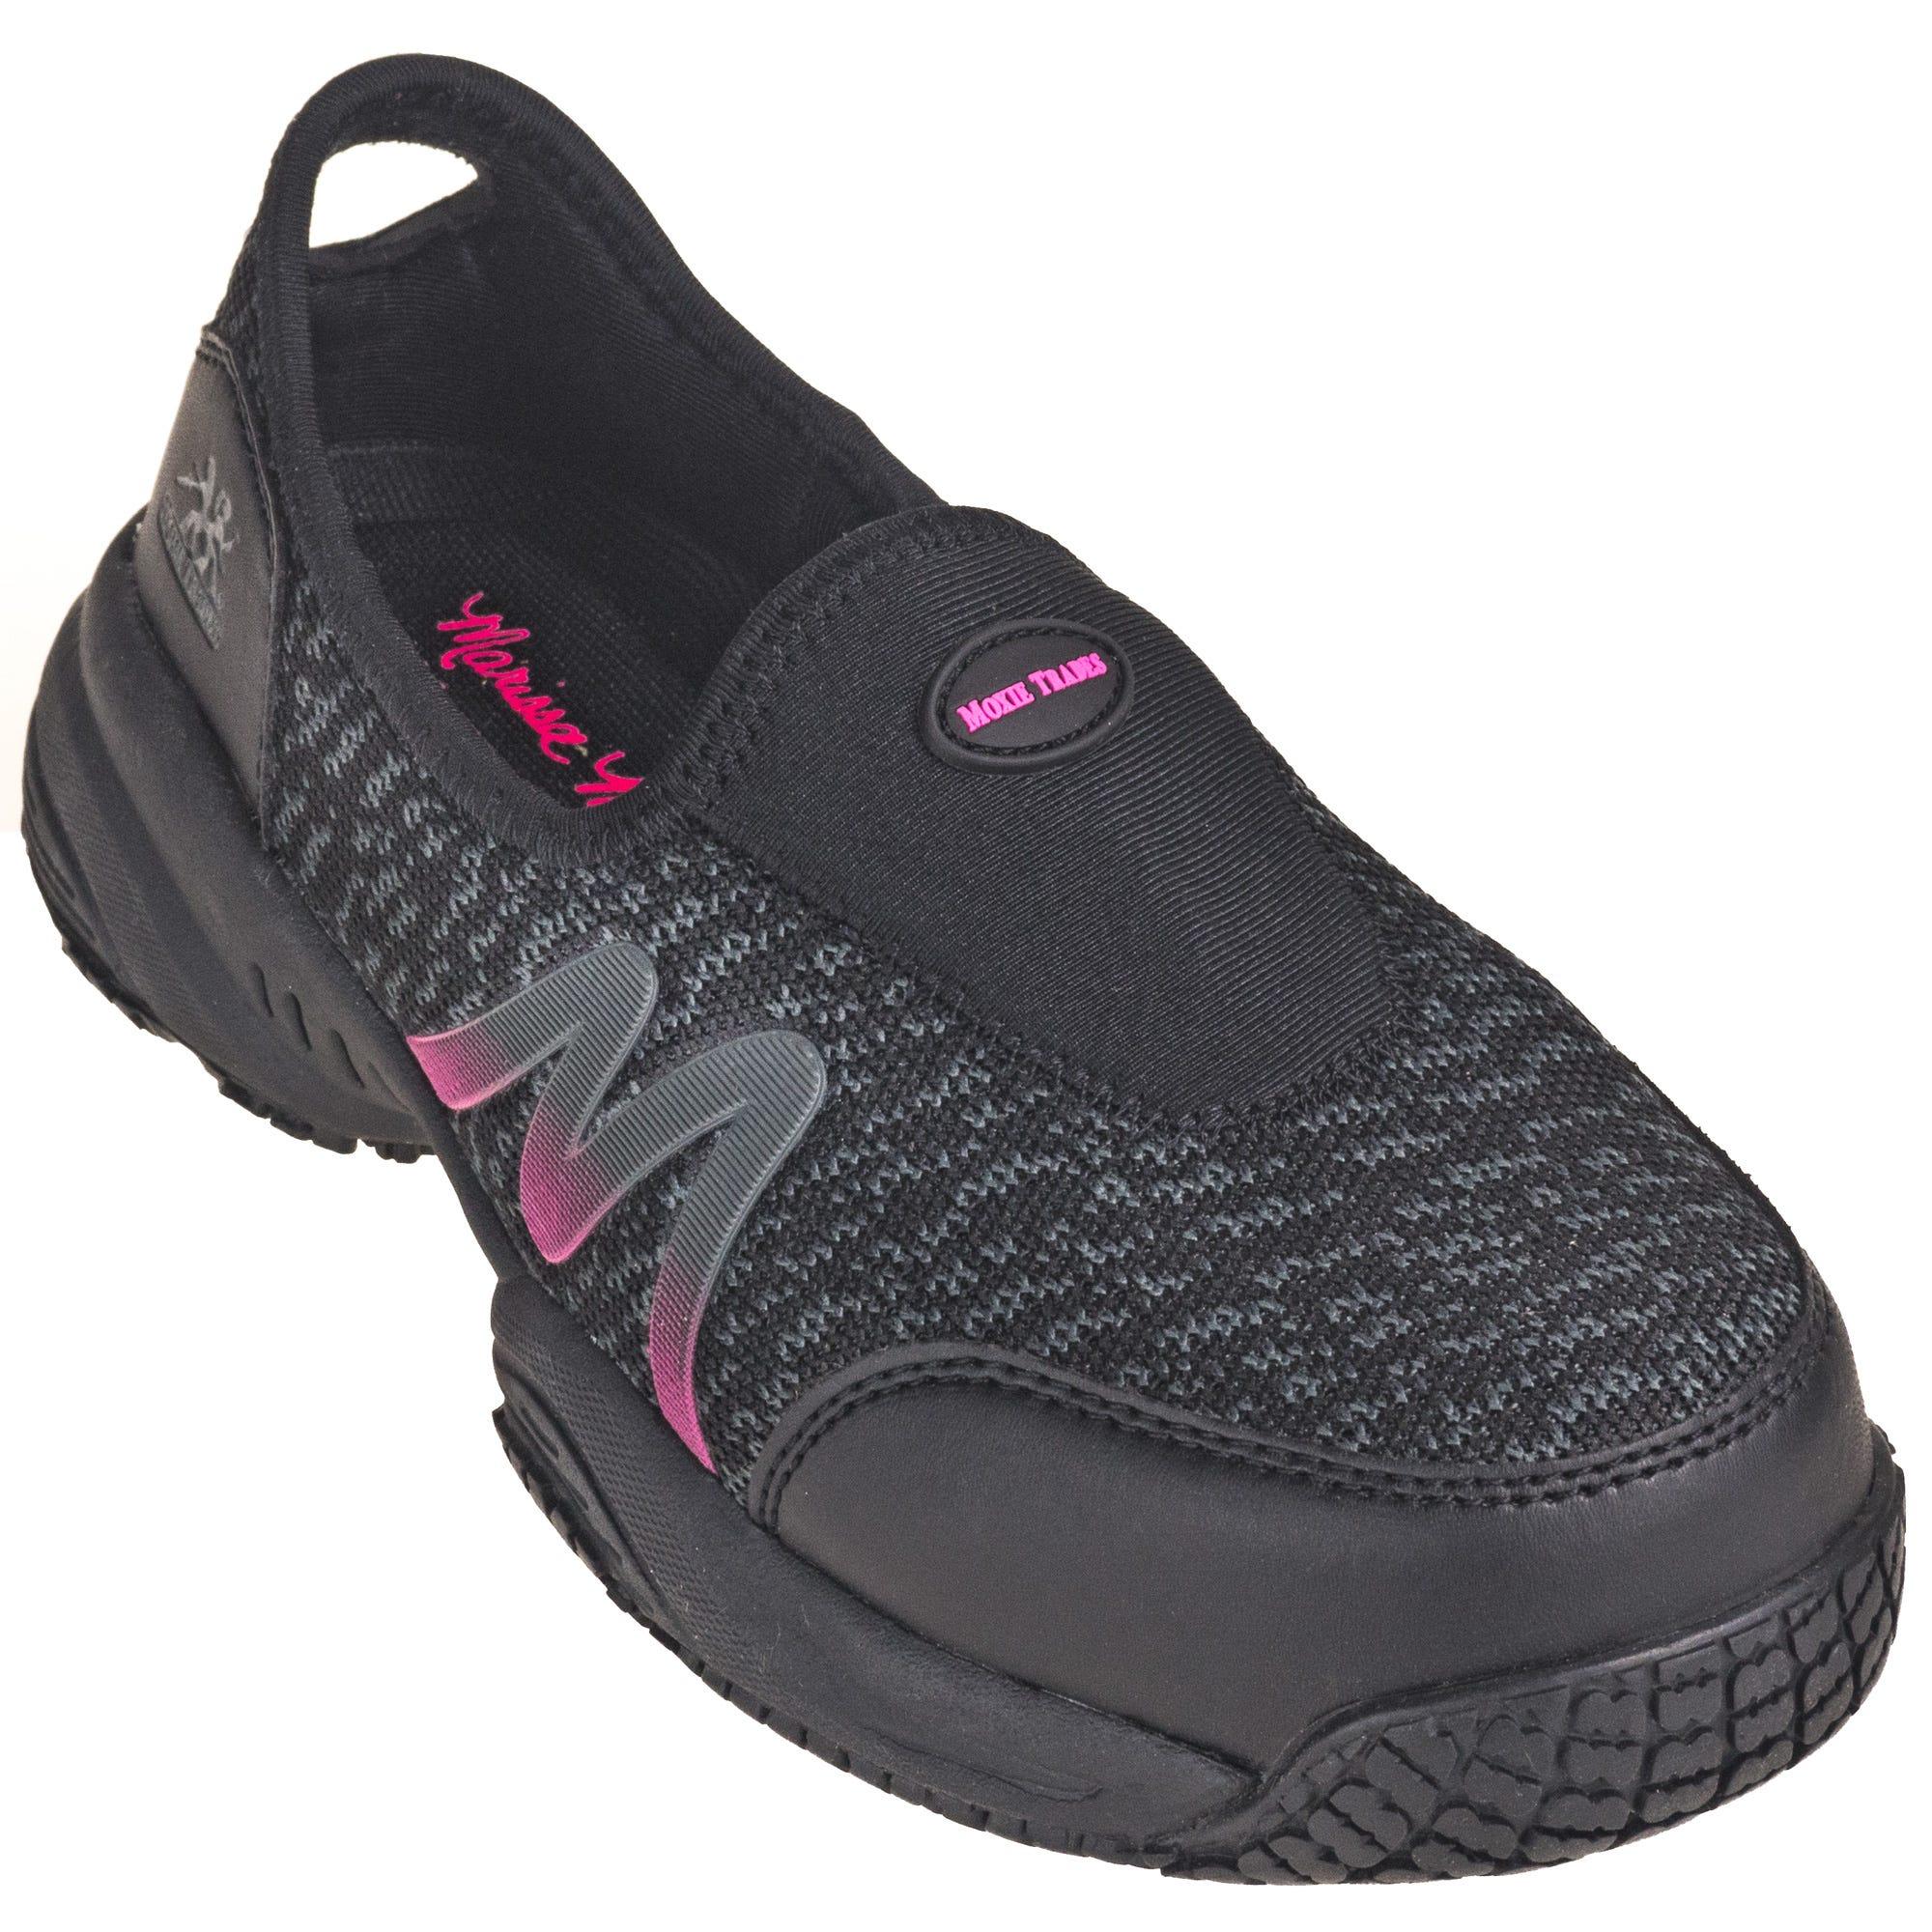 Moxie Trades Women's 50180 Non-Metallic Composite Toe Slip-On Zena Athletic Shoes